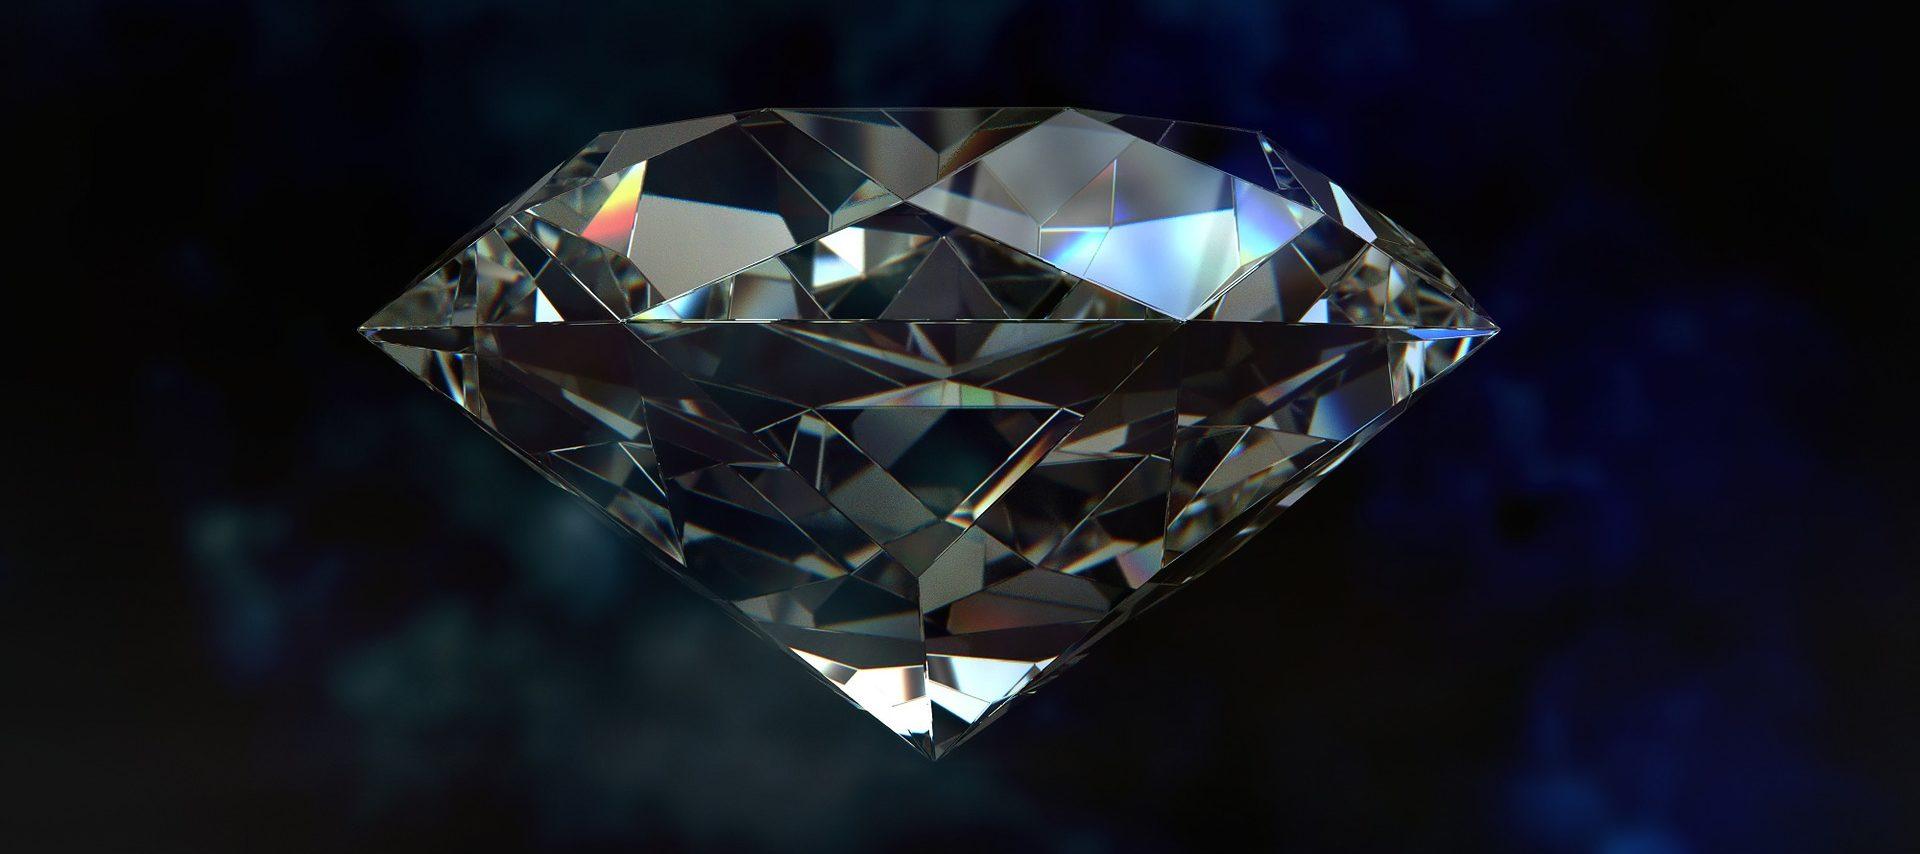 Wissenschaftliche Gütekriterien bewerten Daten: Diamant oder nur Glas und Staub?